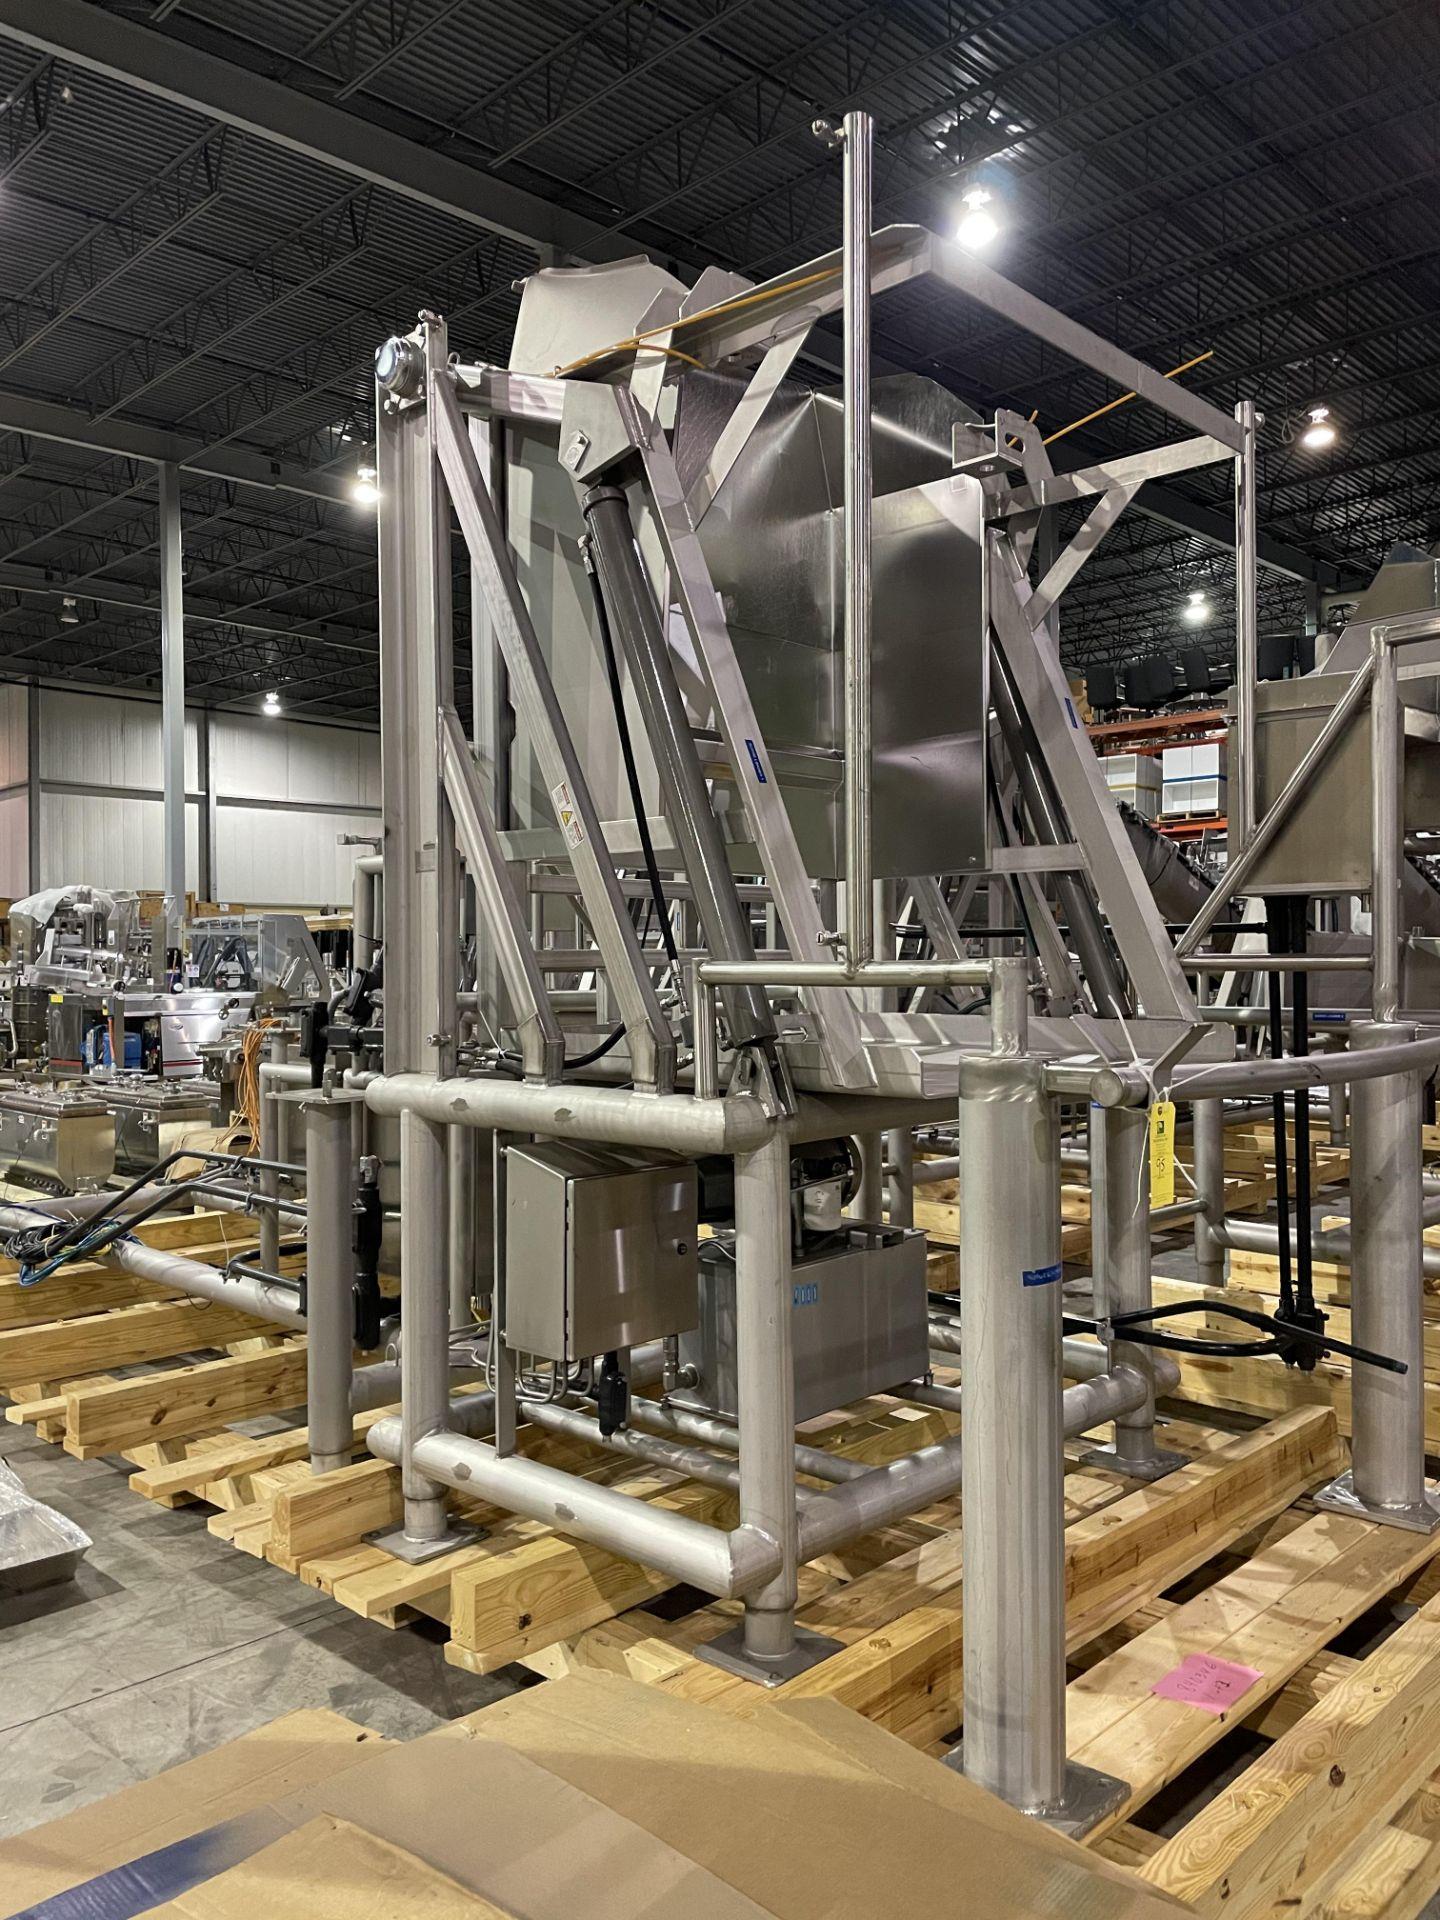 Mepaco Surge Unloader/Dumper Model T4000 S/N M12458-2, 5943-1 Loading/Rigging Fee $750 - Image 5 of 5